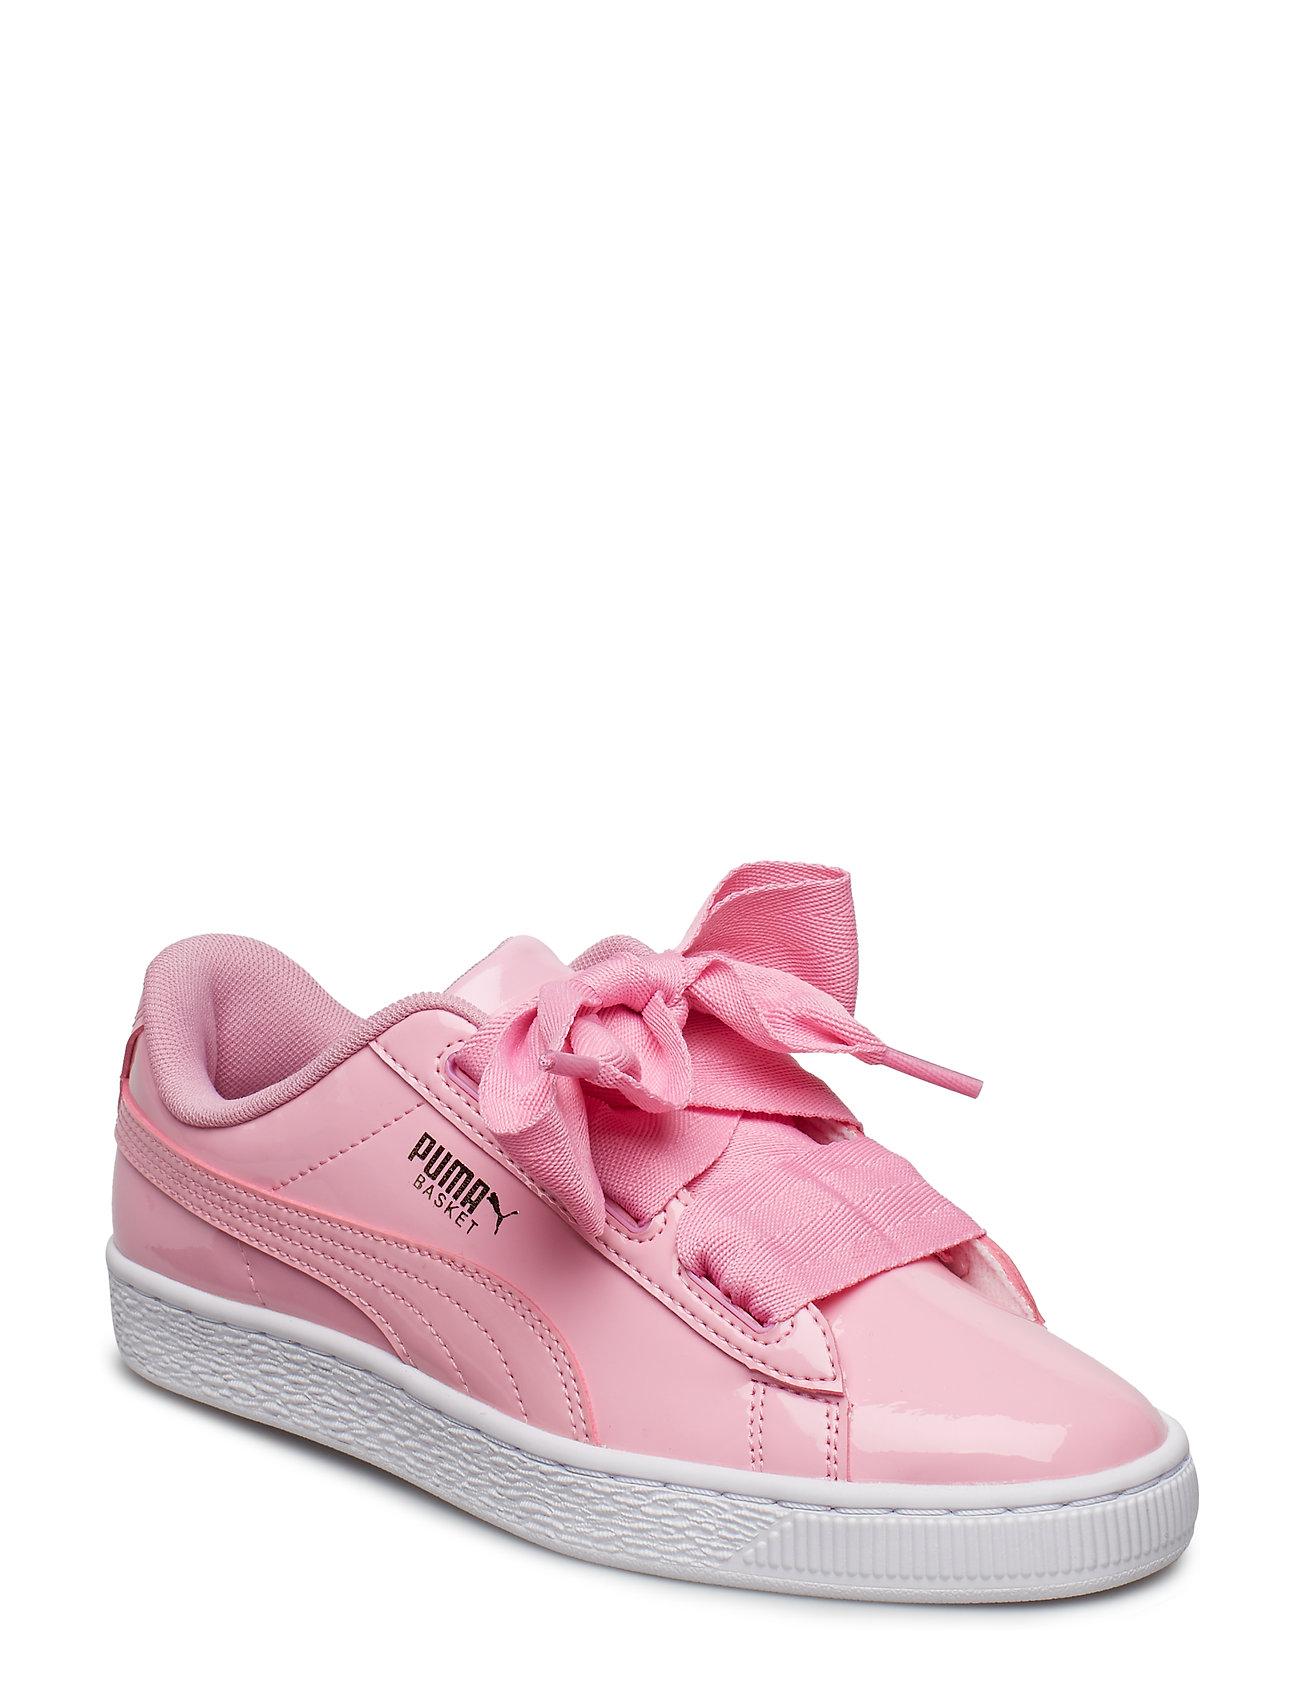 best sneakers 12a7b 46370 Basket Heart Patent Jr